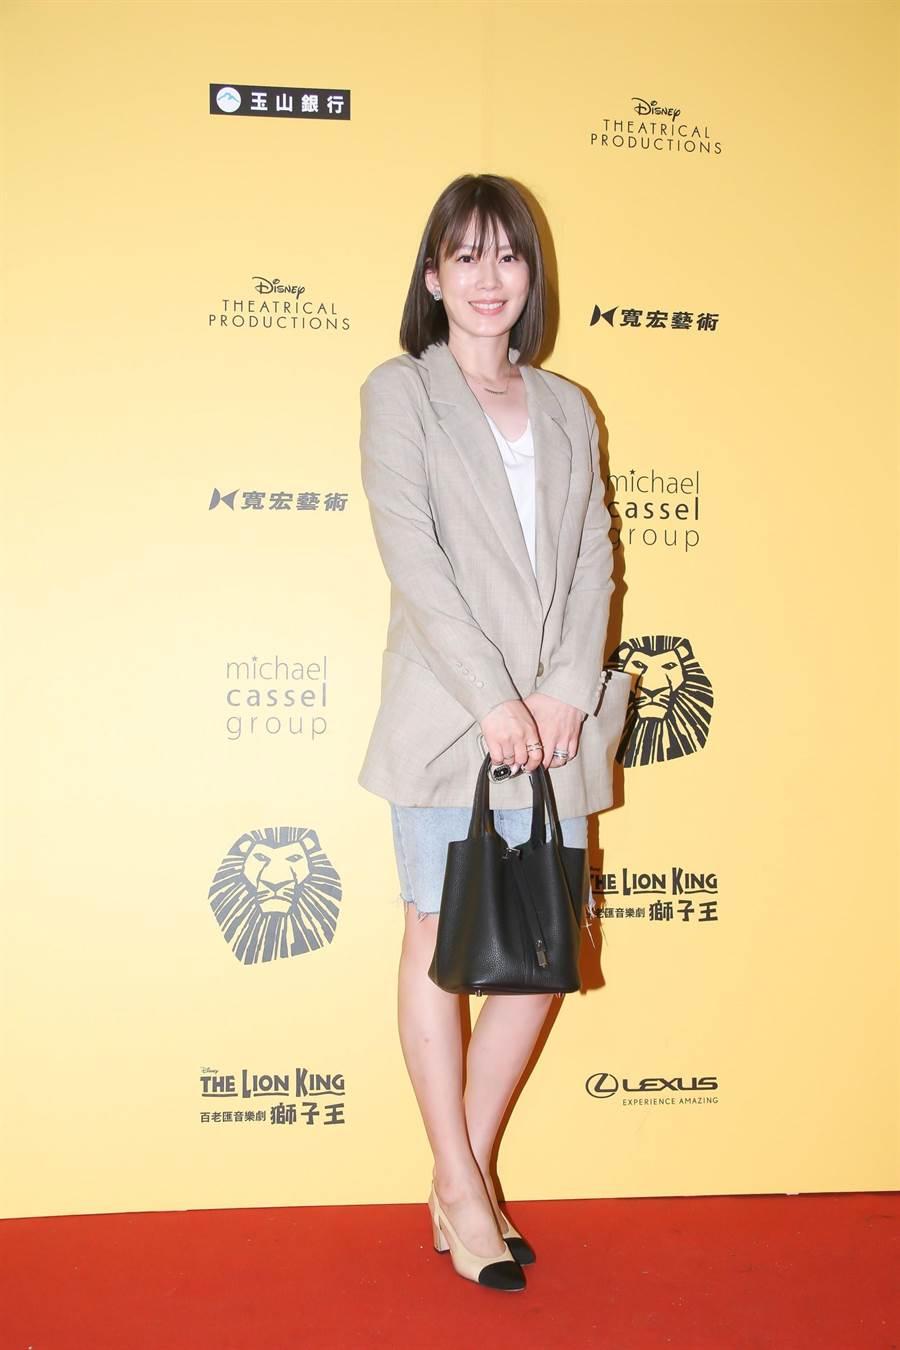 Melody受訪表示特別期待《獅子王》劇情。(羅永銘攝)